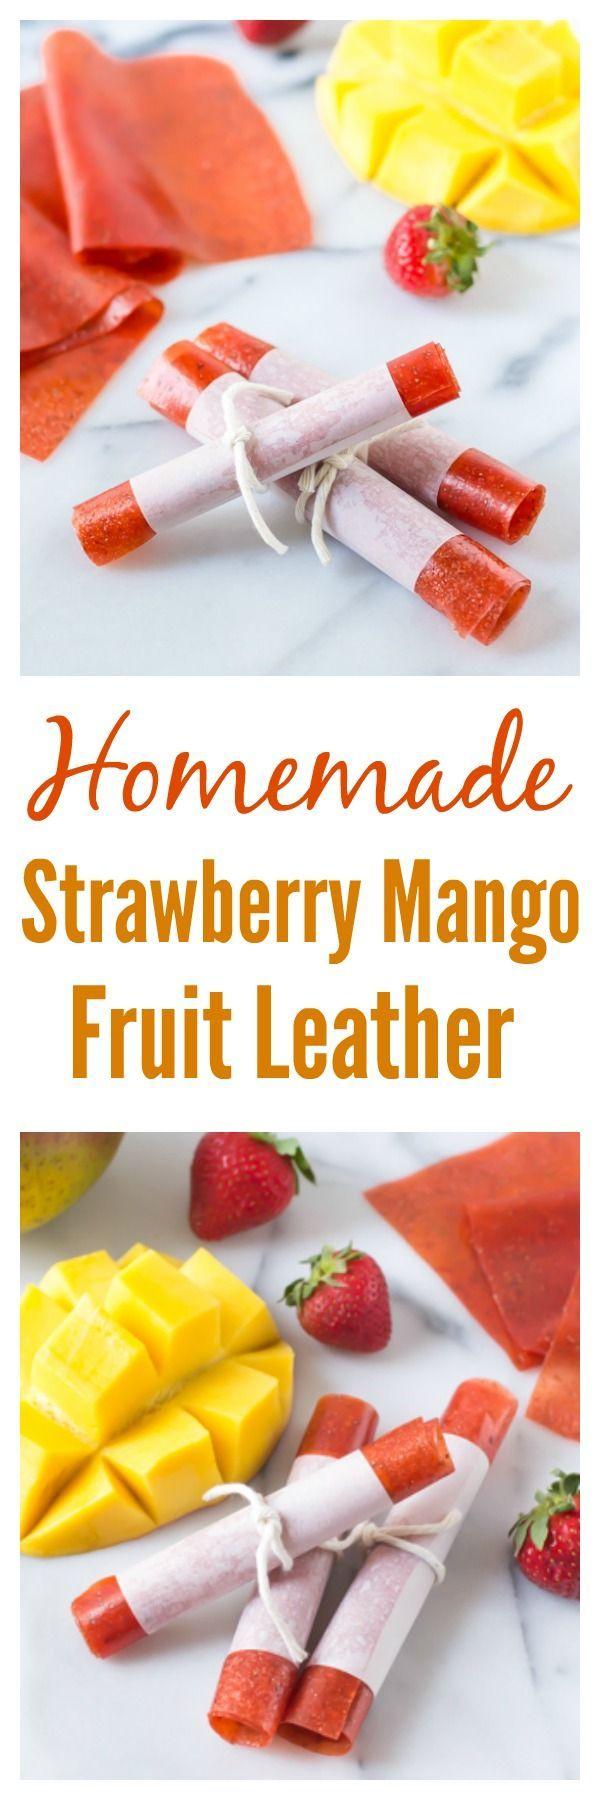 Mango – The National Fruit of India